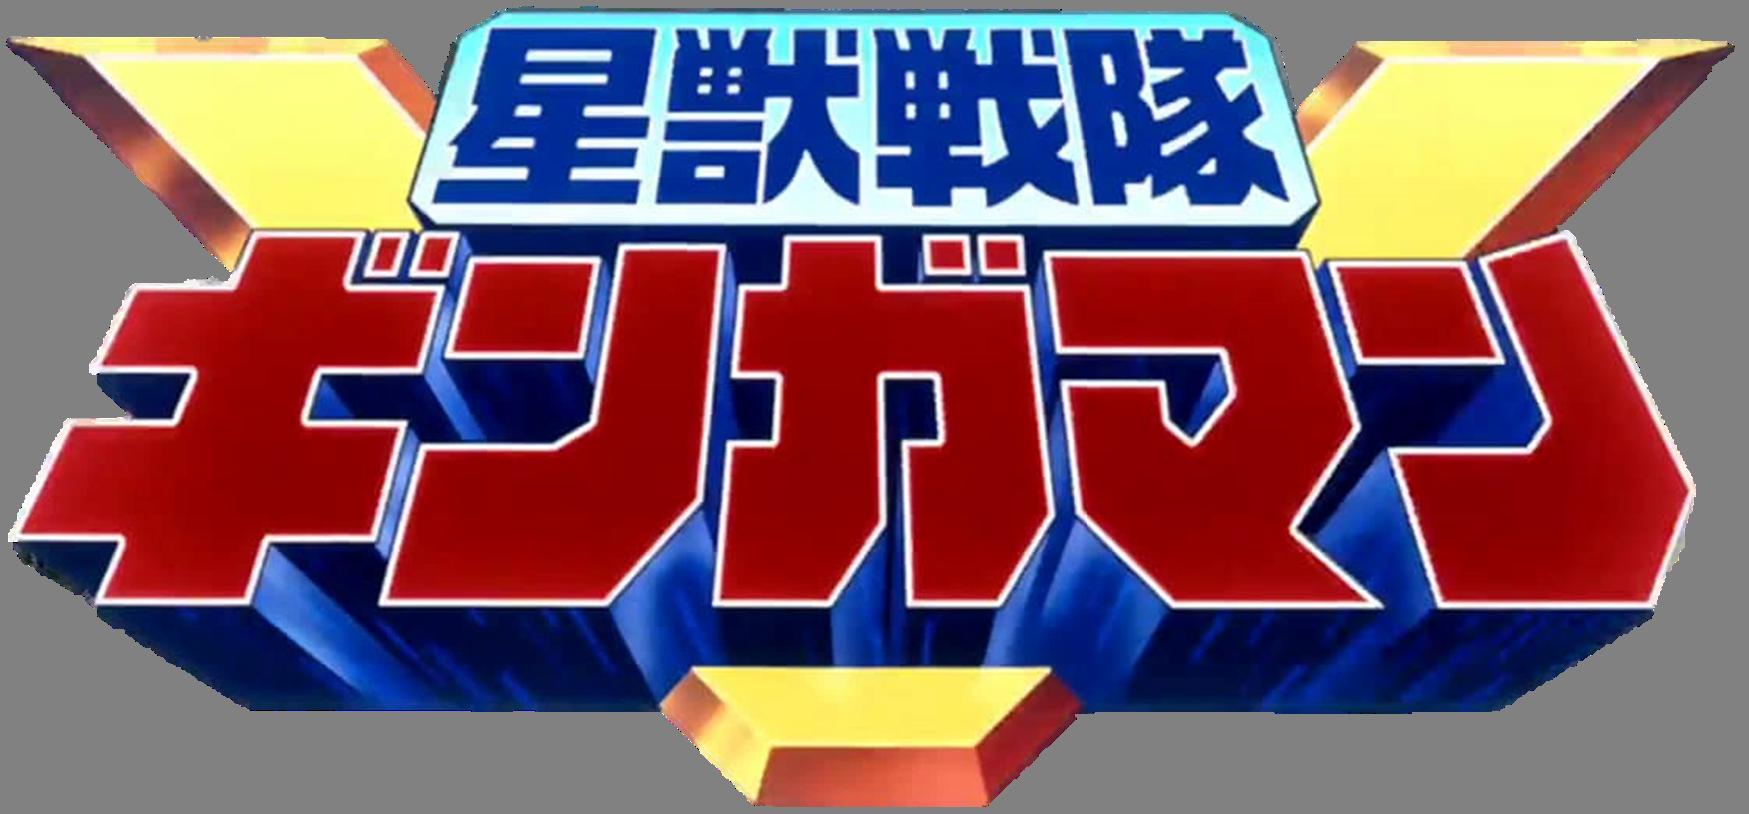 星獣戦隊ギンガマン タイトルロゴ